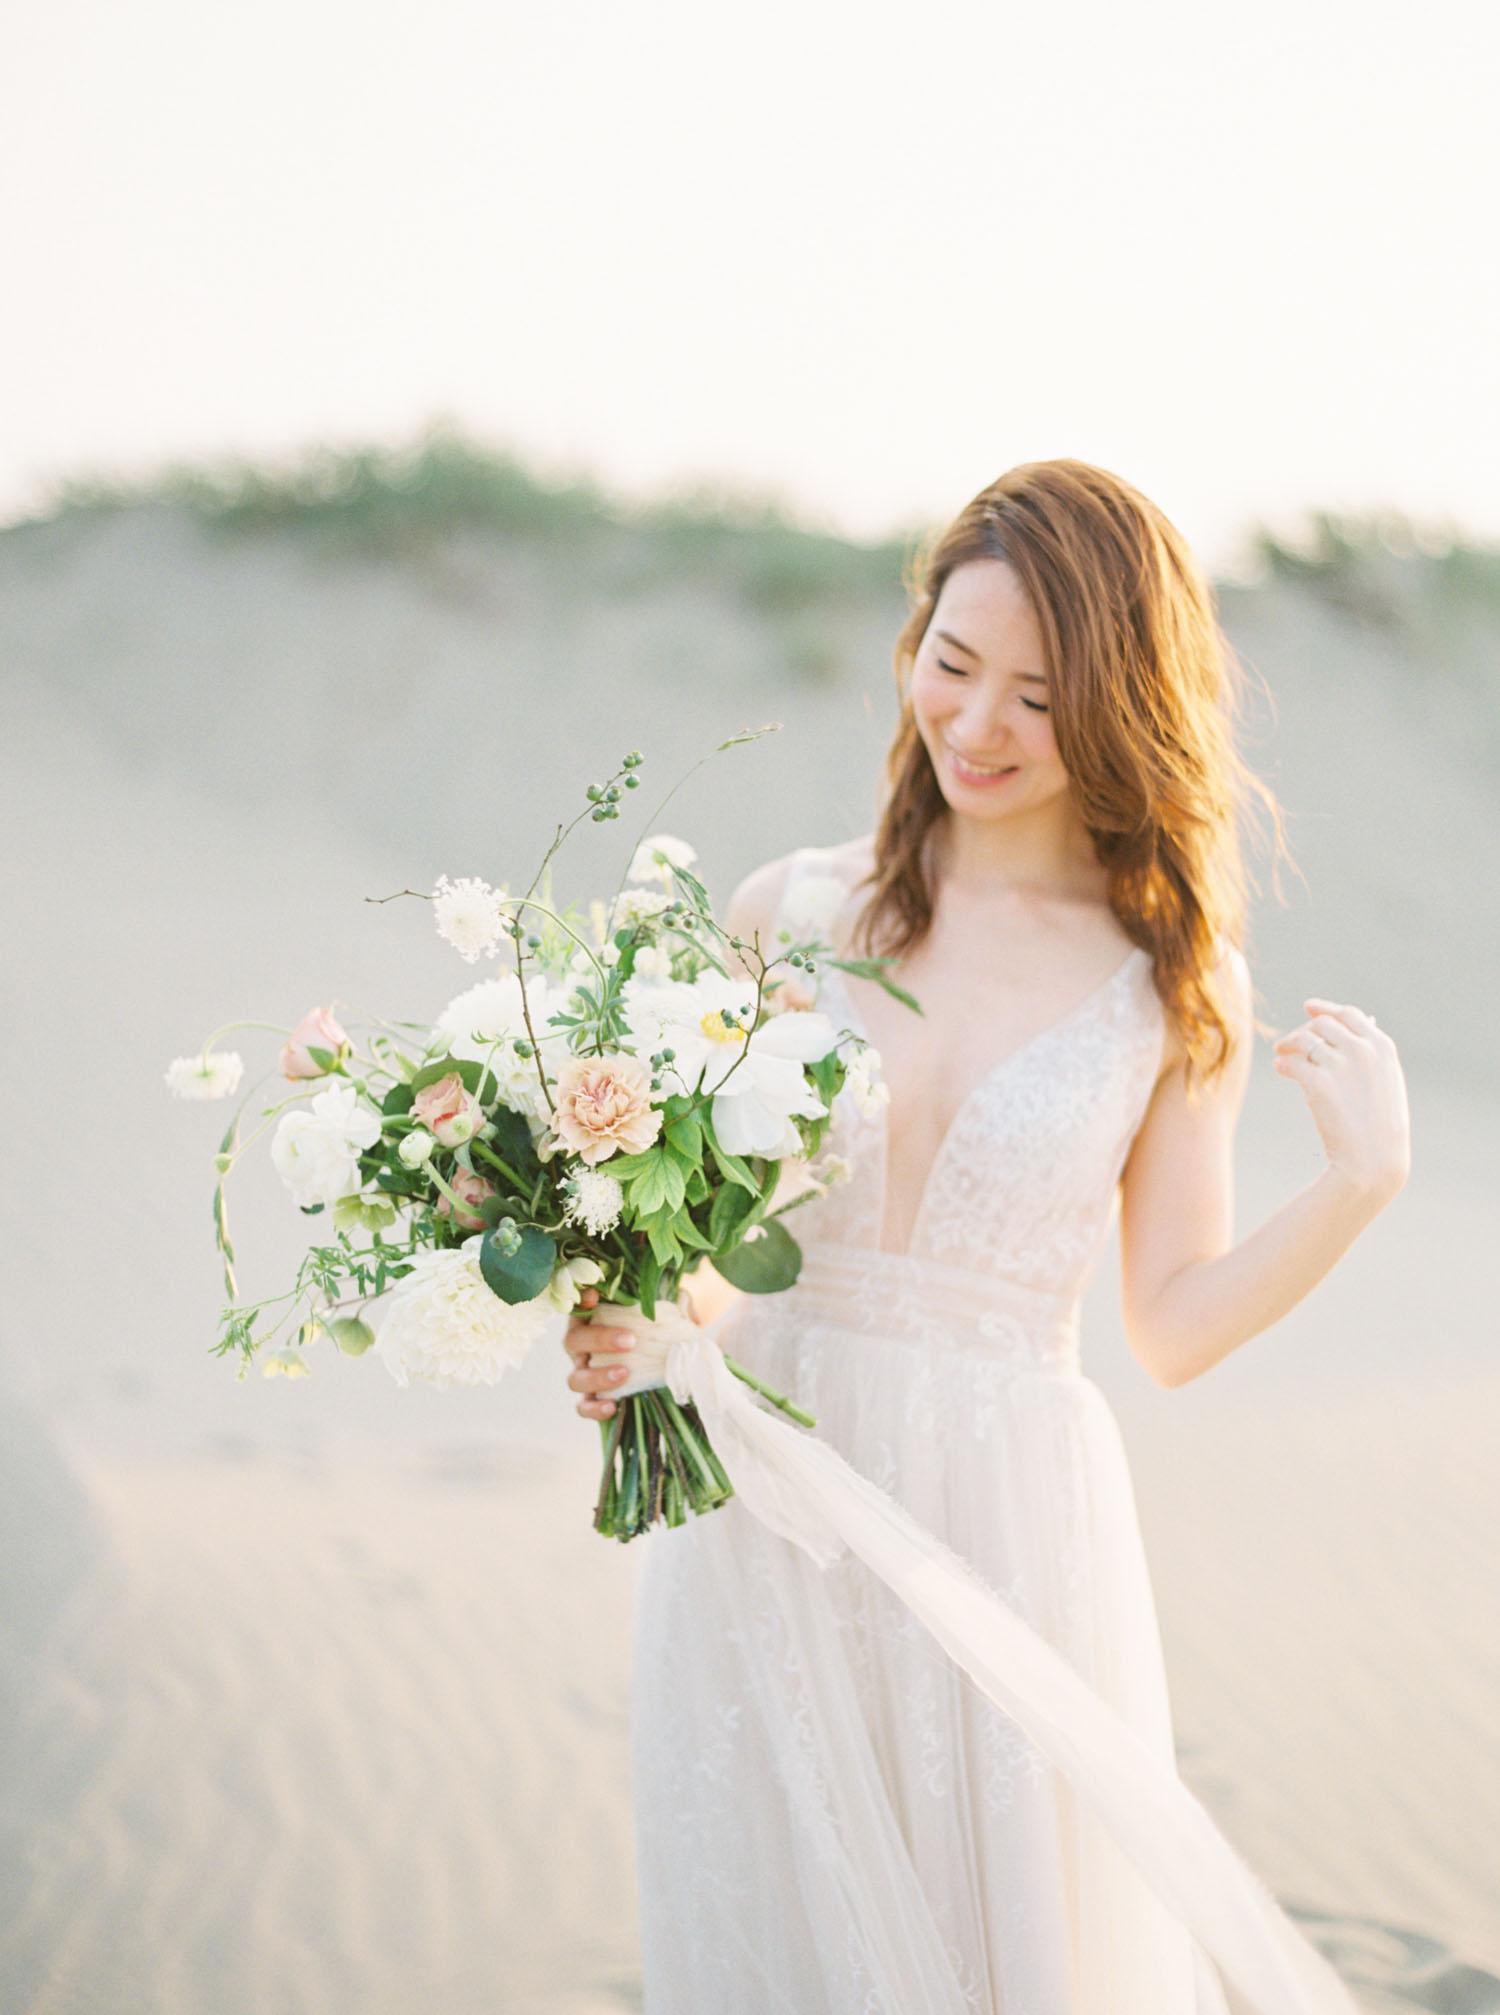 香山沙漠婚紗-沙漠婚紗-海灘-逆光-底片-Fine Art